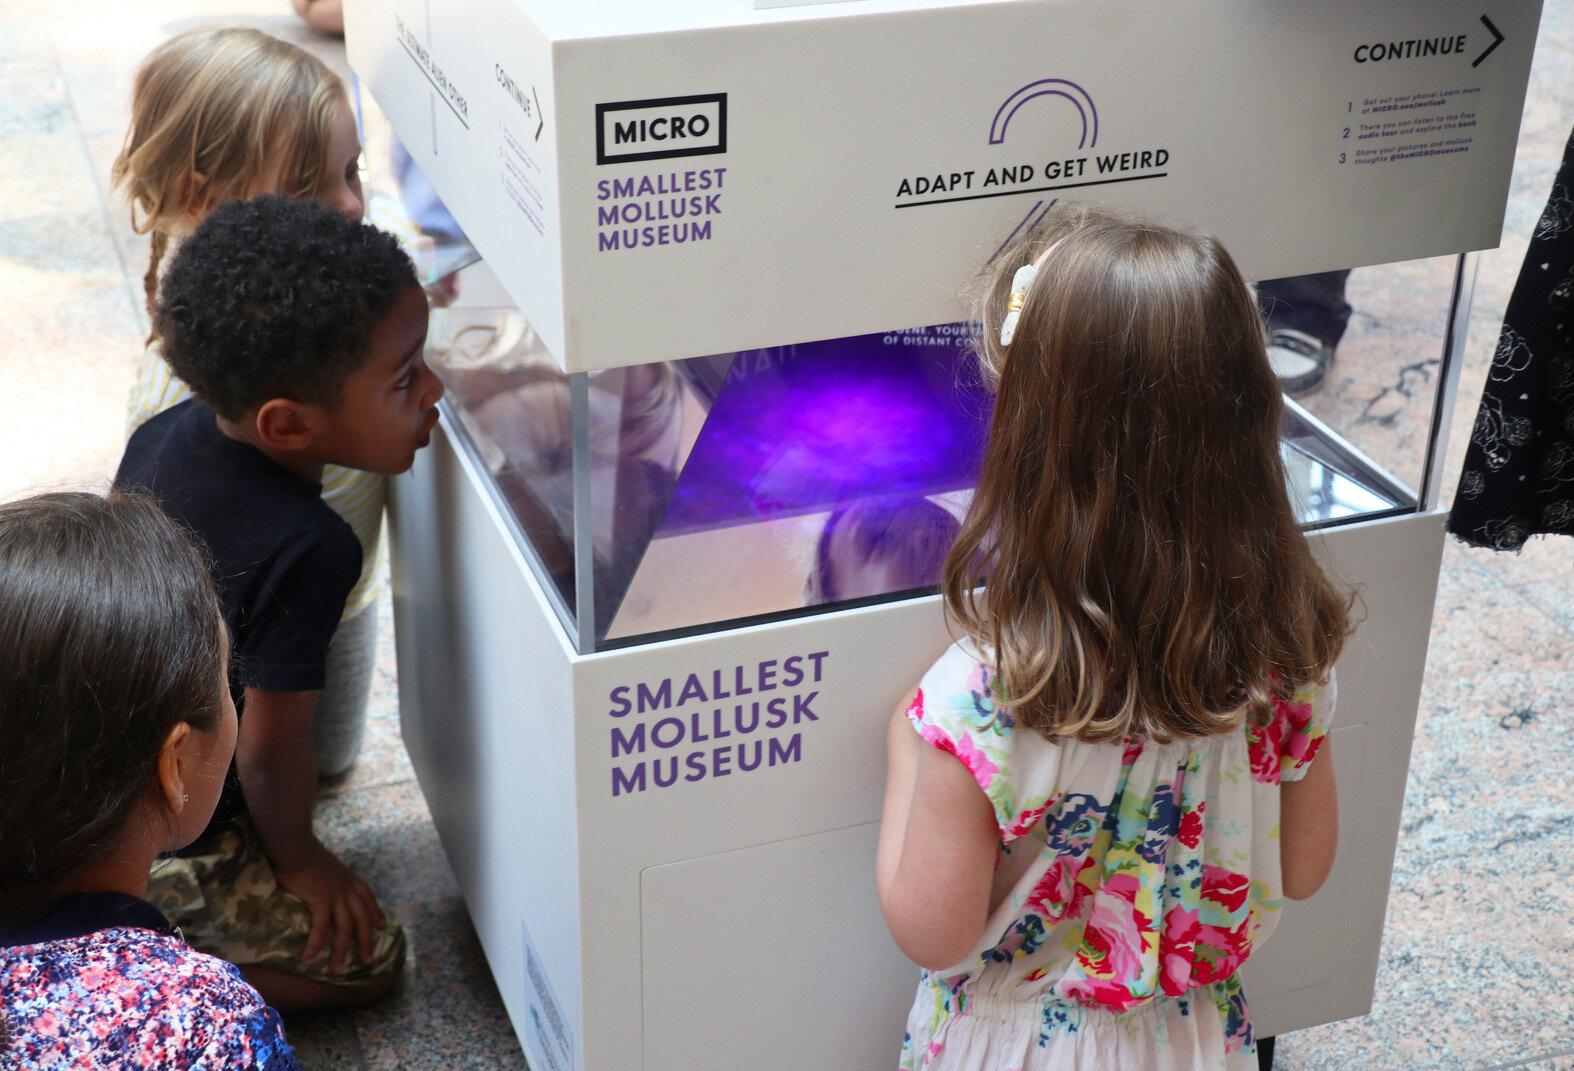 MICRO's Smallest Mollusk Museum_3_Credit Ricardo Monge.jpg